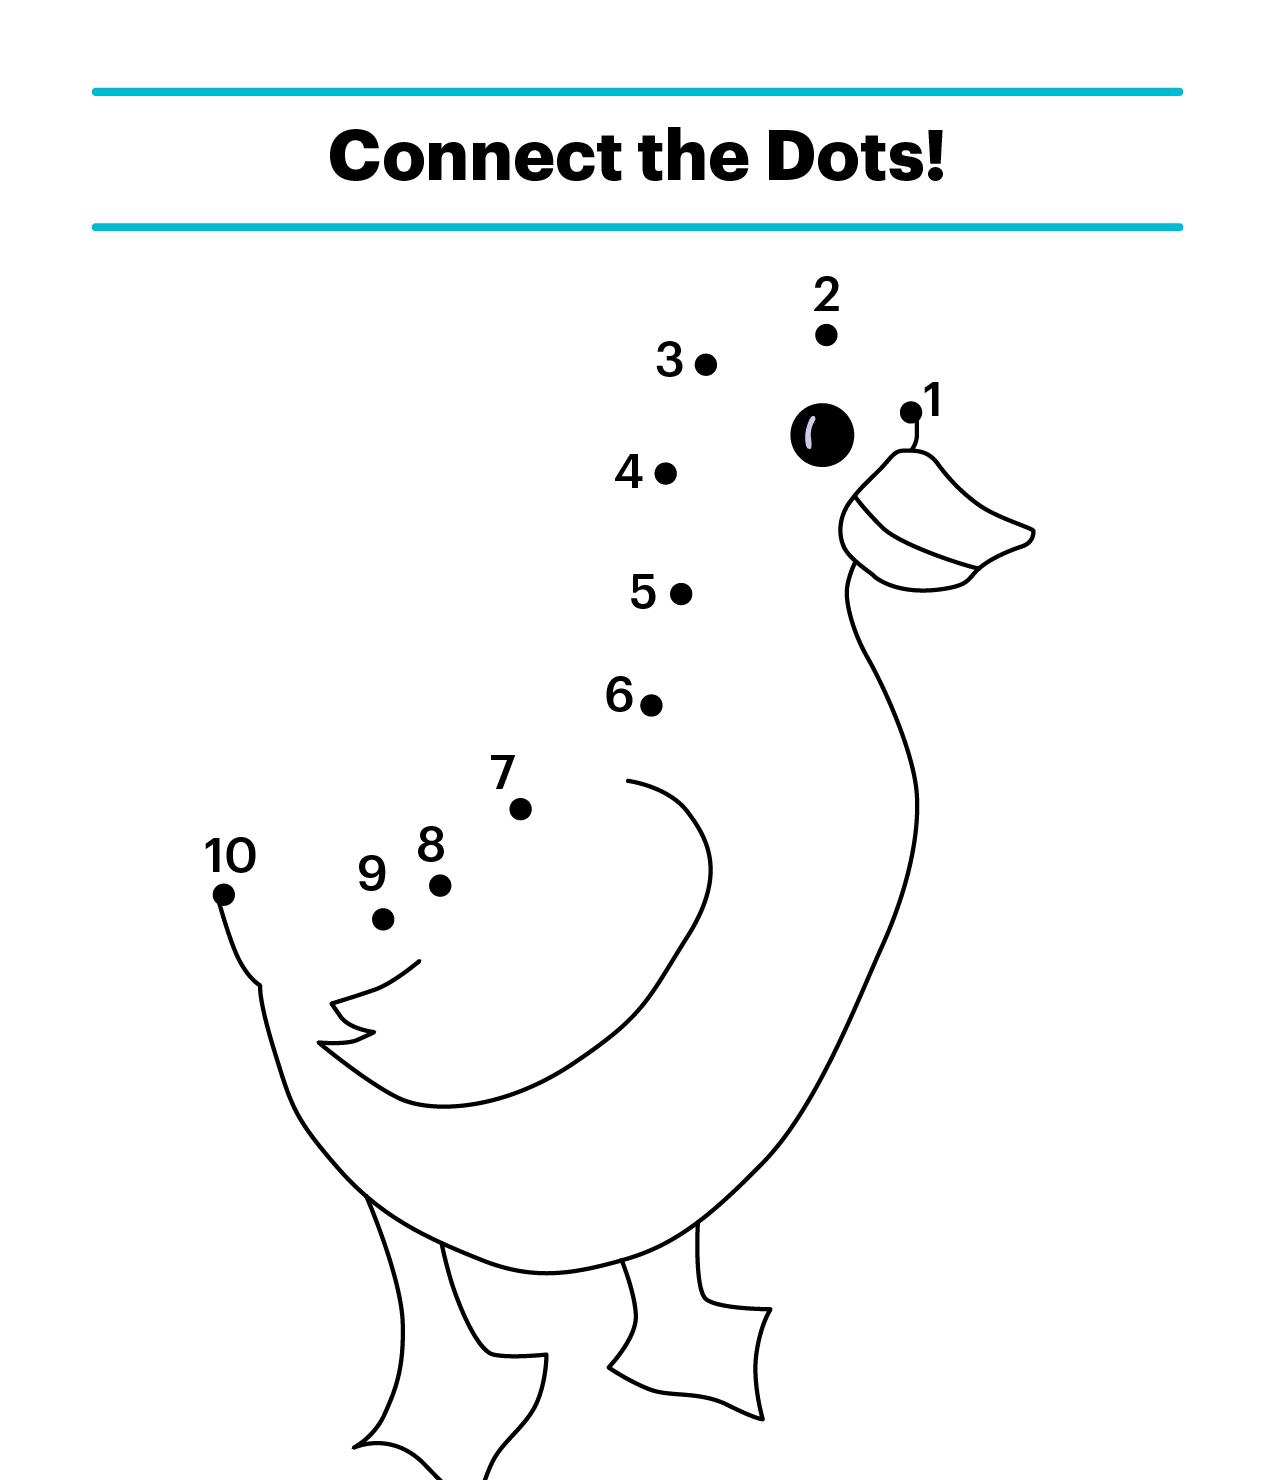 Đây là những trò chơi thông minh vừa giúp con tránh xa màn hình vừa tăng cường tư duy toán học cho con ngay từ lớp vỡ lòng - Ảnh 1.